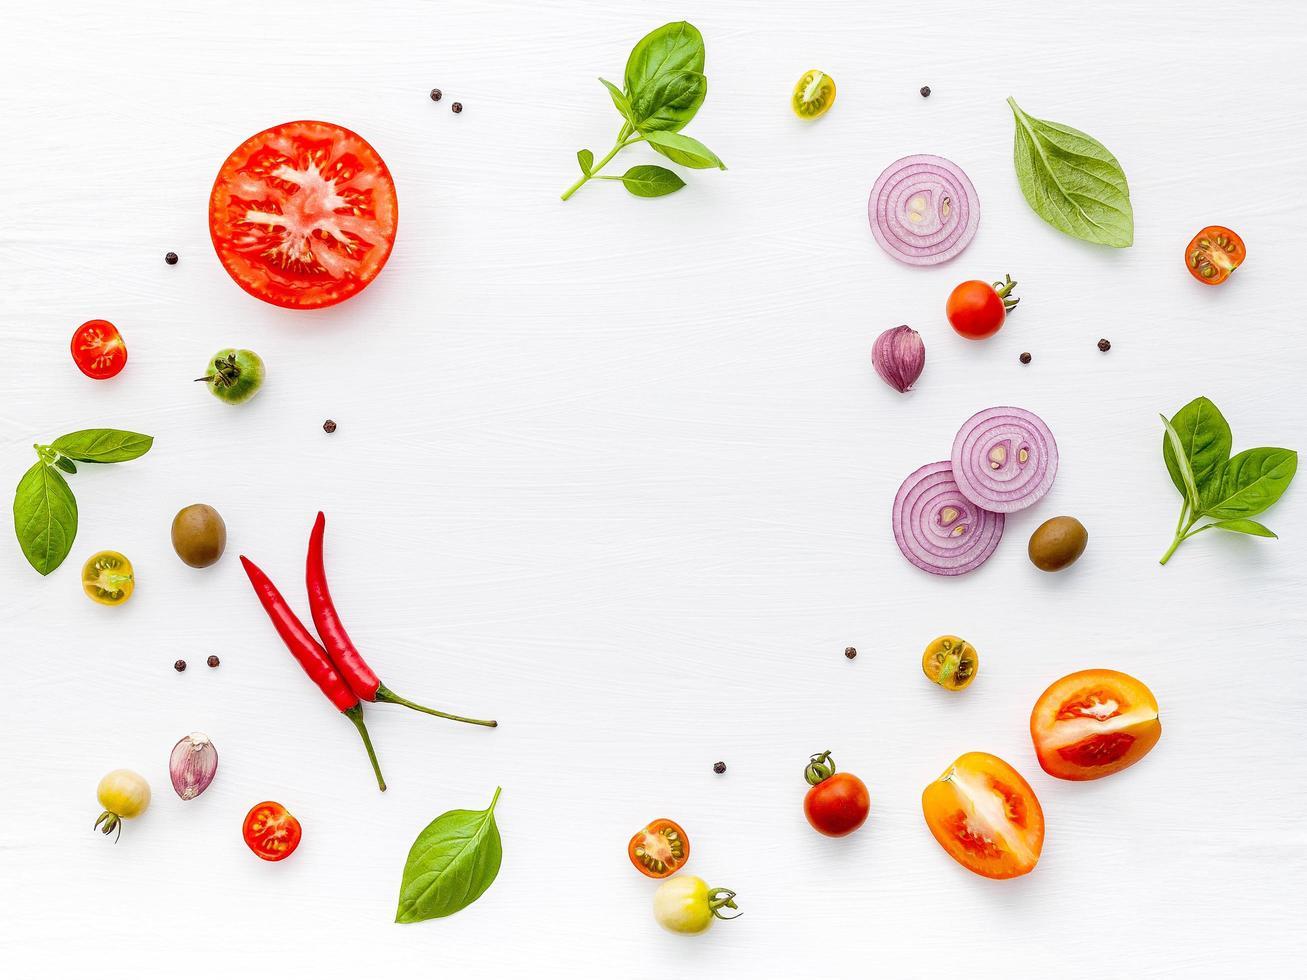 verse ingrediënten in een cirkel foto